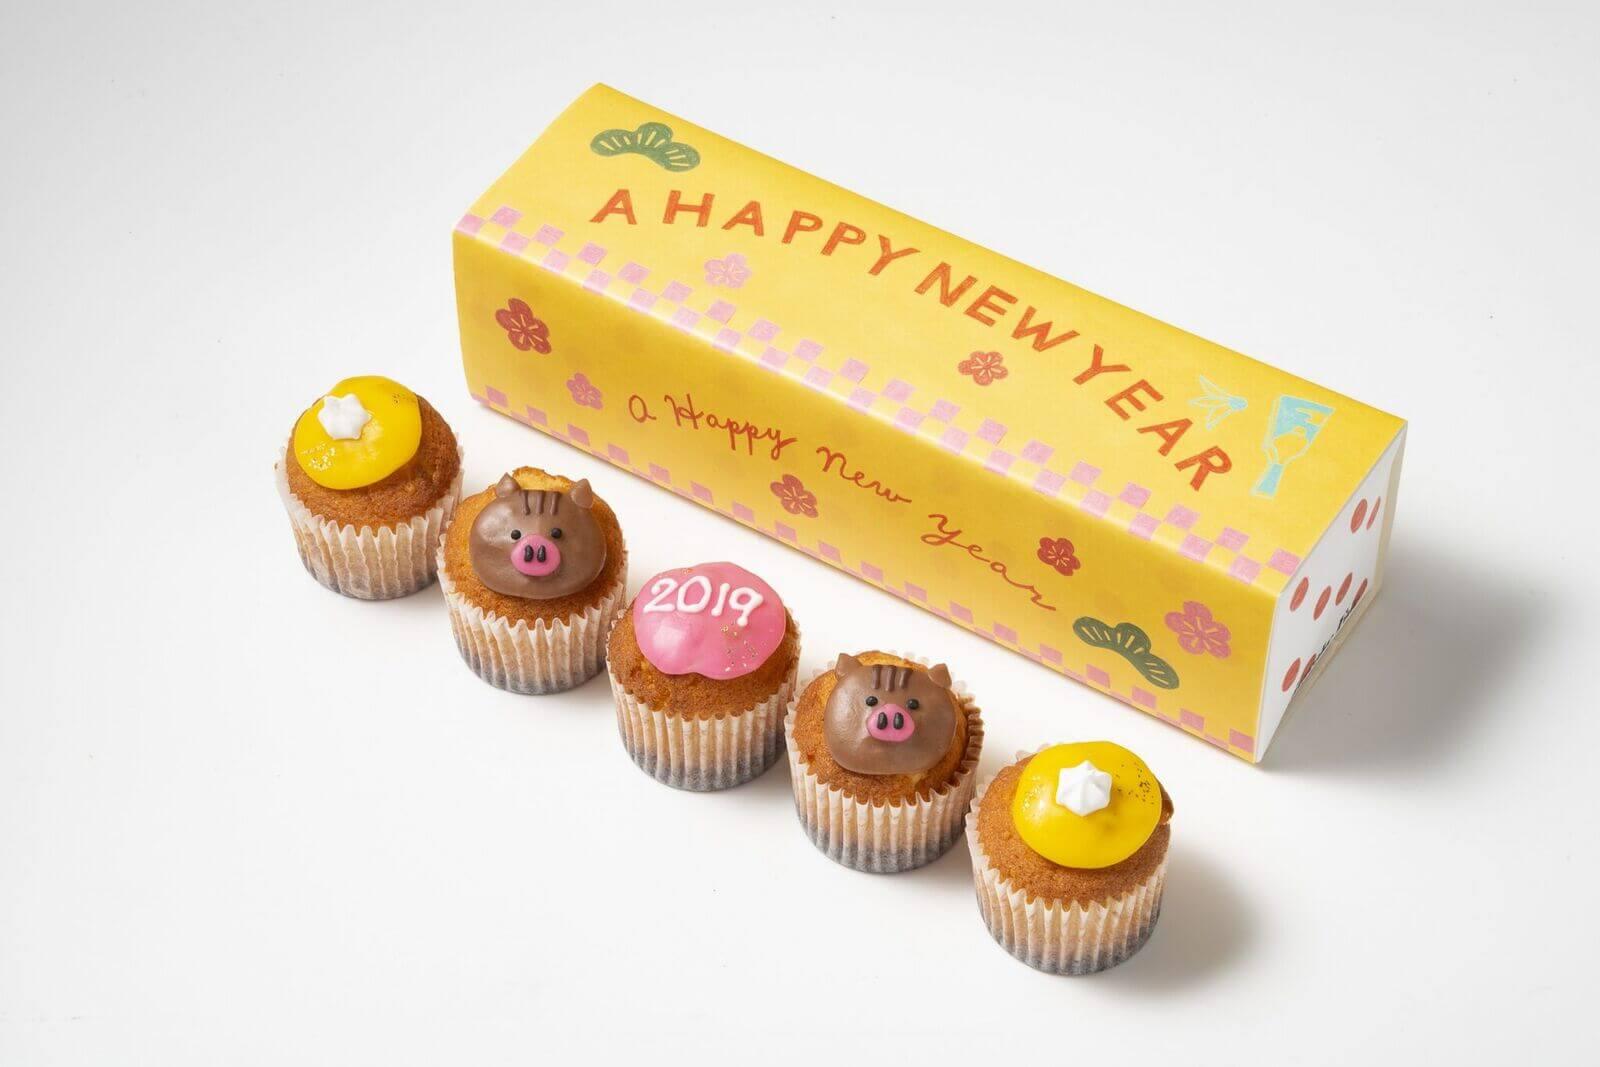 東京車站GRANSTA推出限定干支甜點、雜貨、年菜便當!舉辦「年初年底大會」 在東京駅、